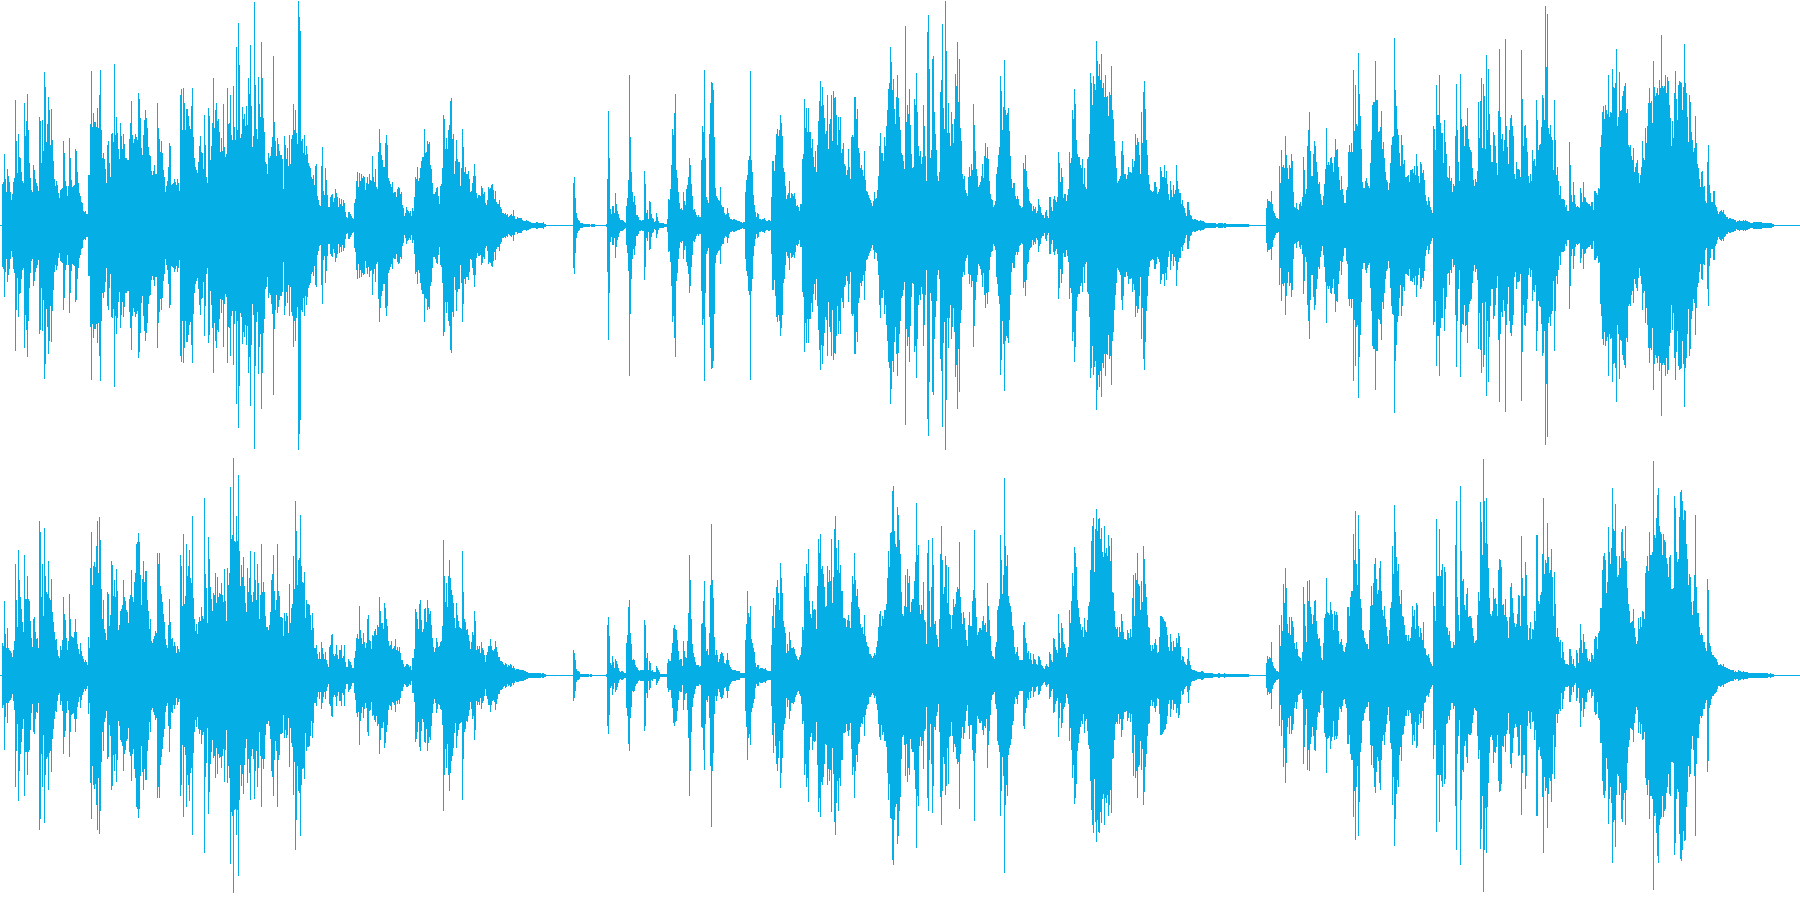 スコールの降るような雰囲気のピアノ曲の再生済みの波形